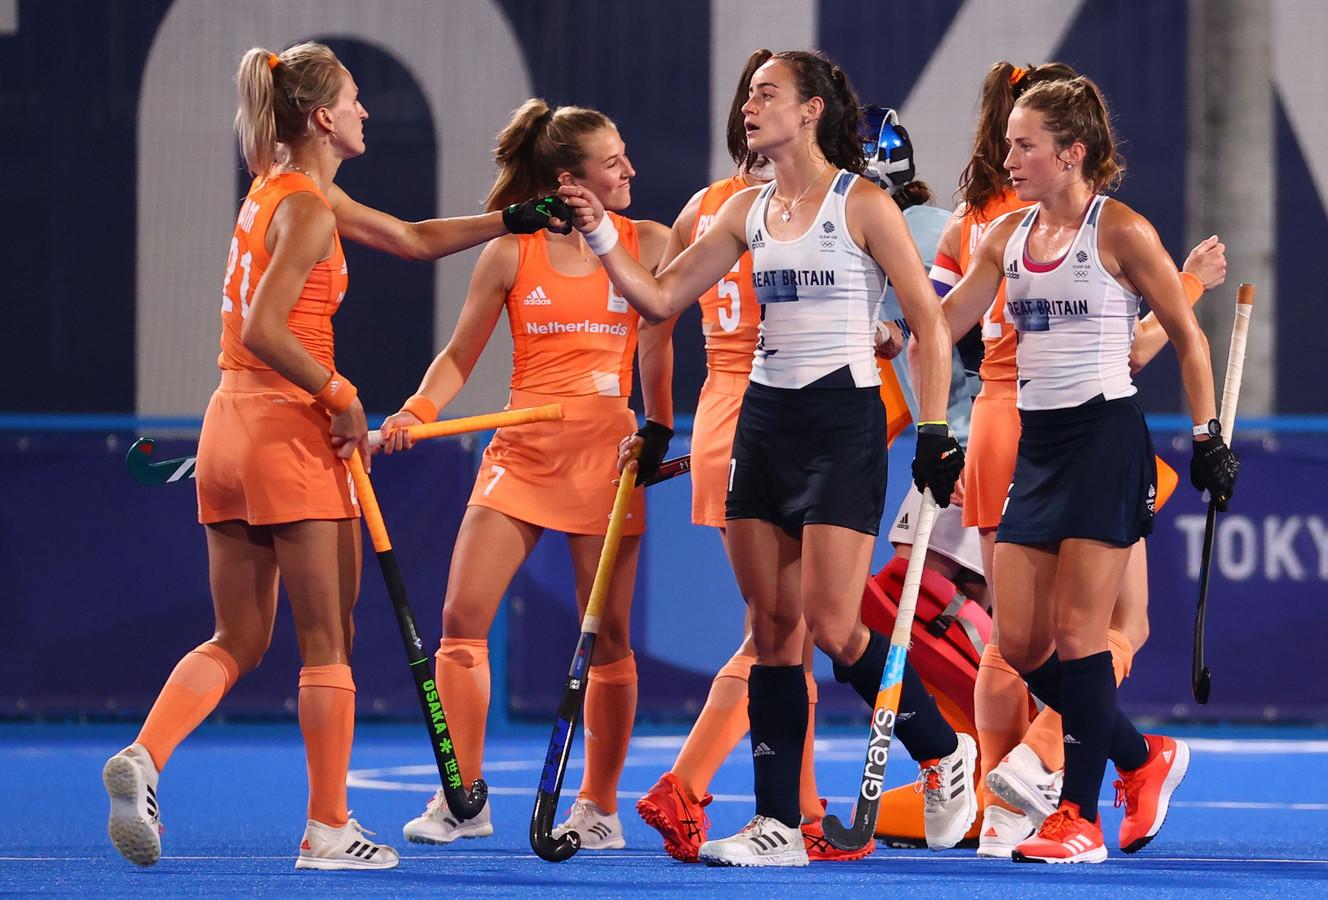 De speelsters van Oranje en Groot-Brittannië begroeten elkaar voor de wedstrijd.